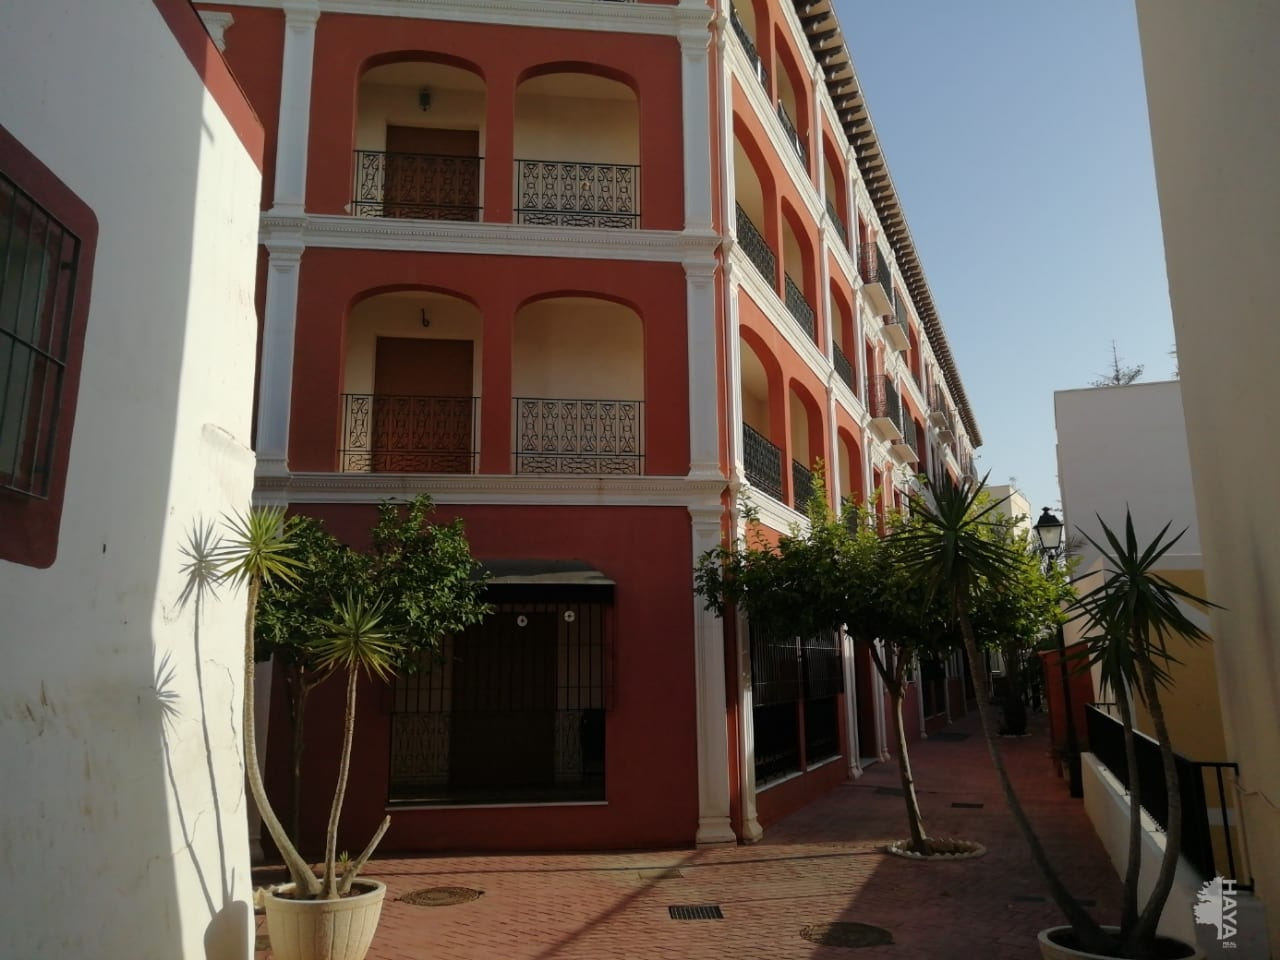 Piso en venta en Cuevas del Almanzora, Almería, Calle Erica de la Piedad, 72.155 €, 3 habitaciones, 1 baño, 85 m2